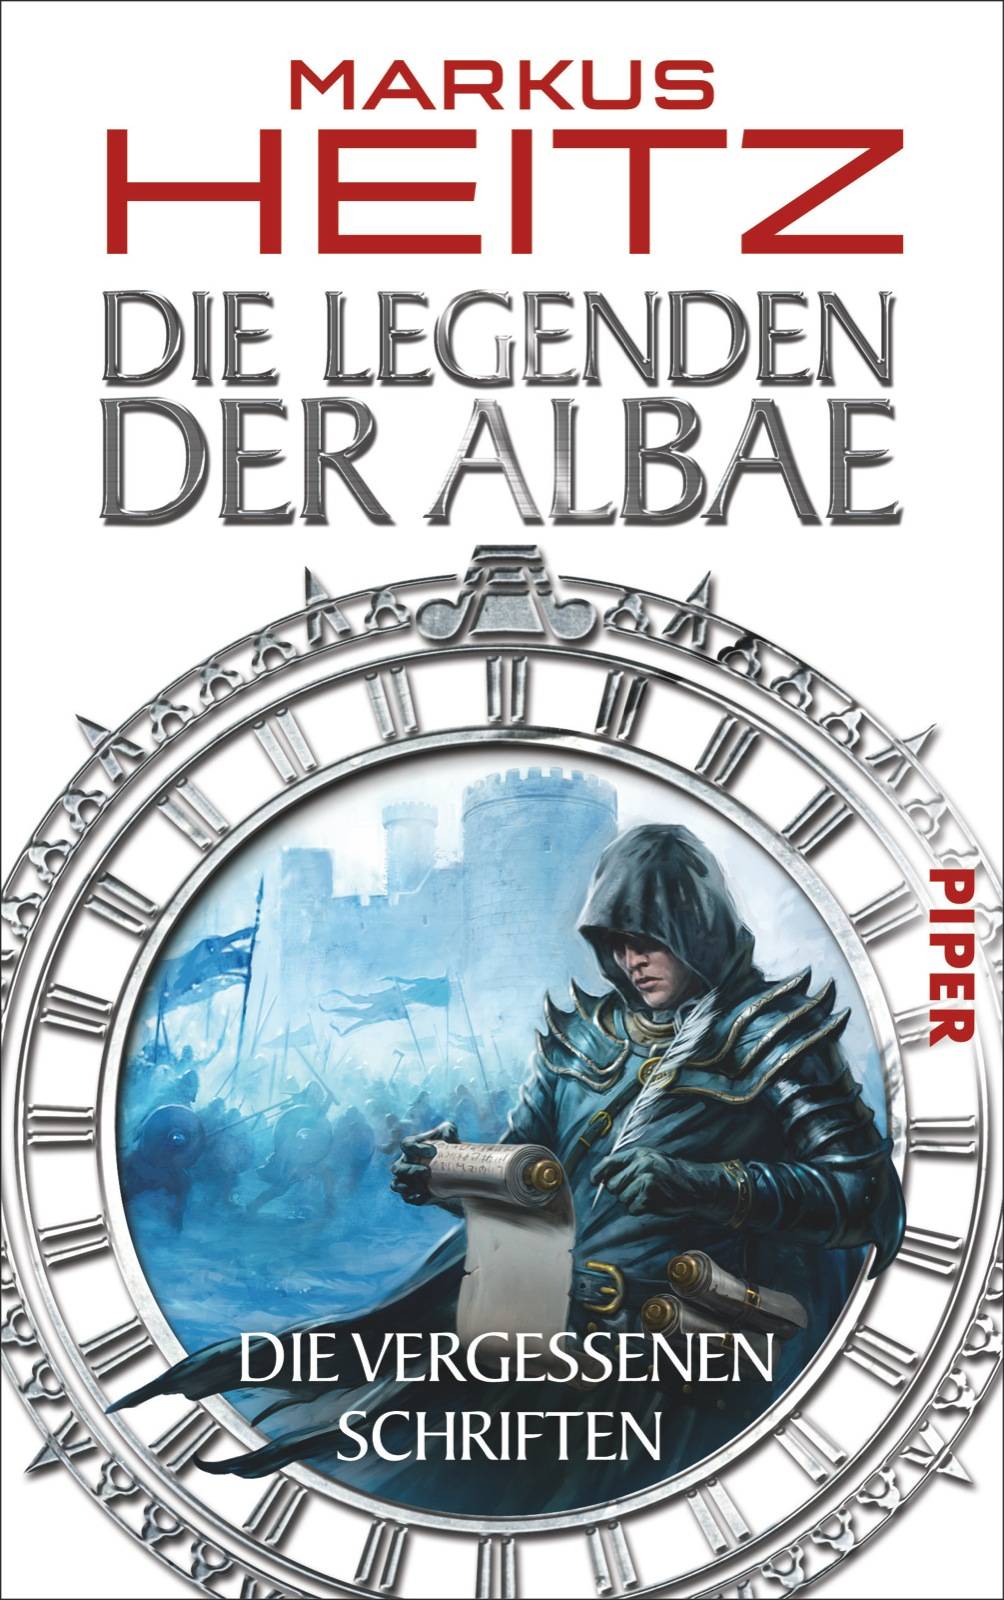 Die Vergessenen Schriften: Die Legenden der Albae - Markus Heitz